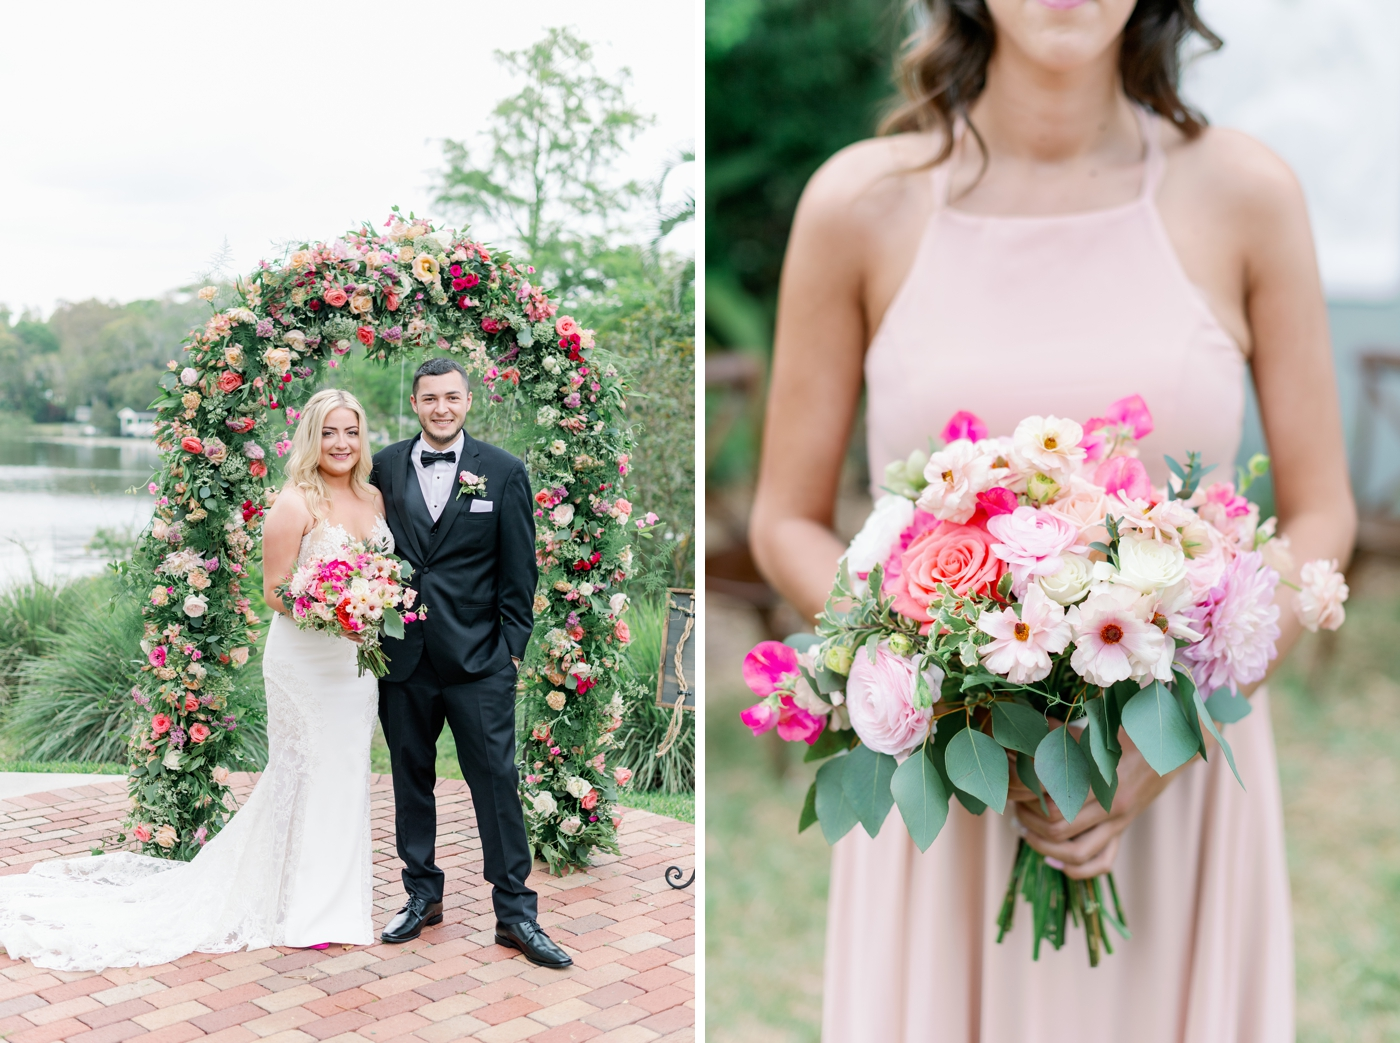 pixies and petals wedding floral